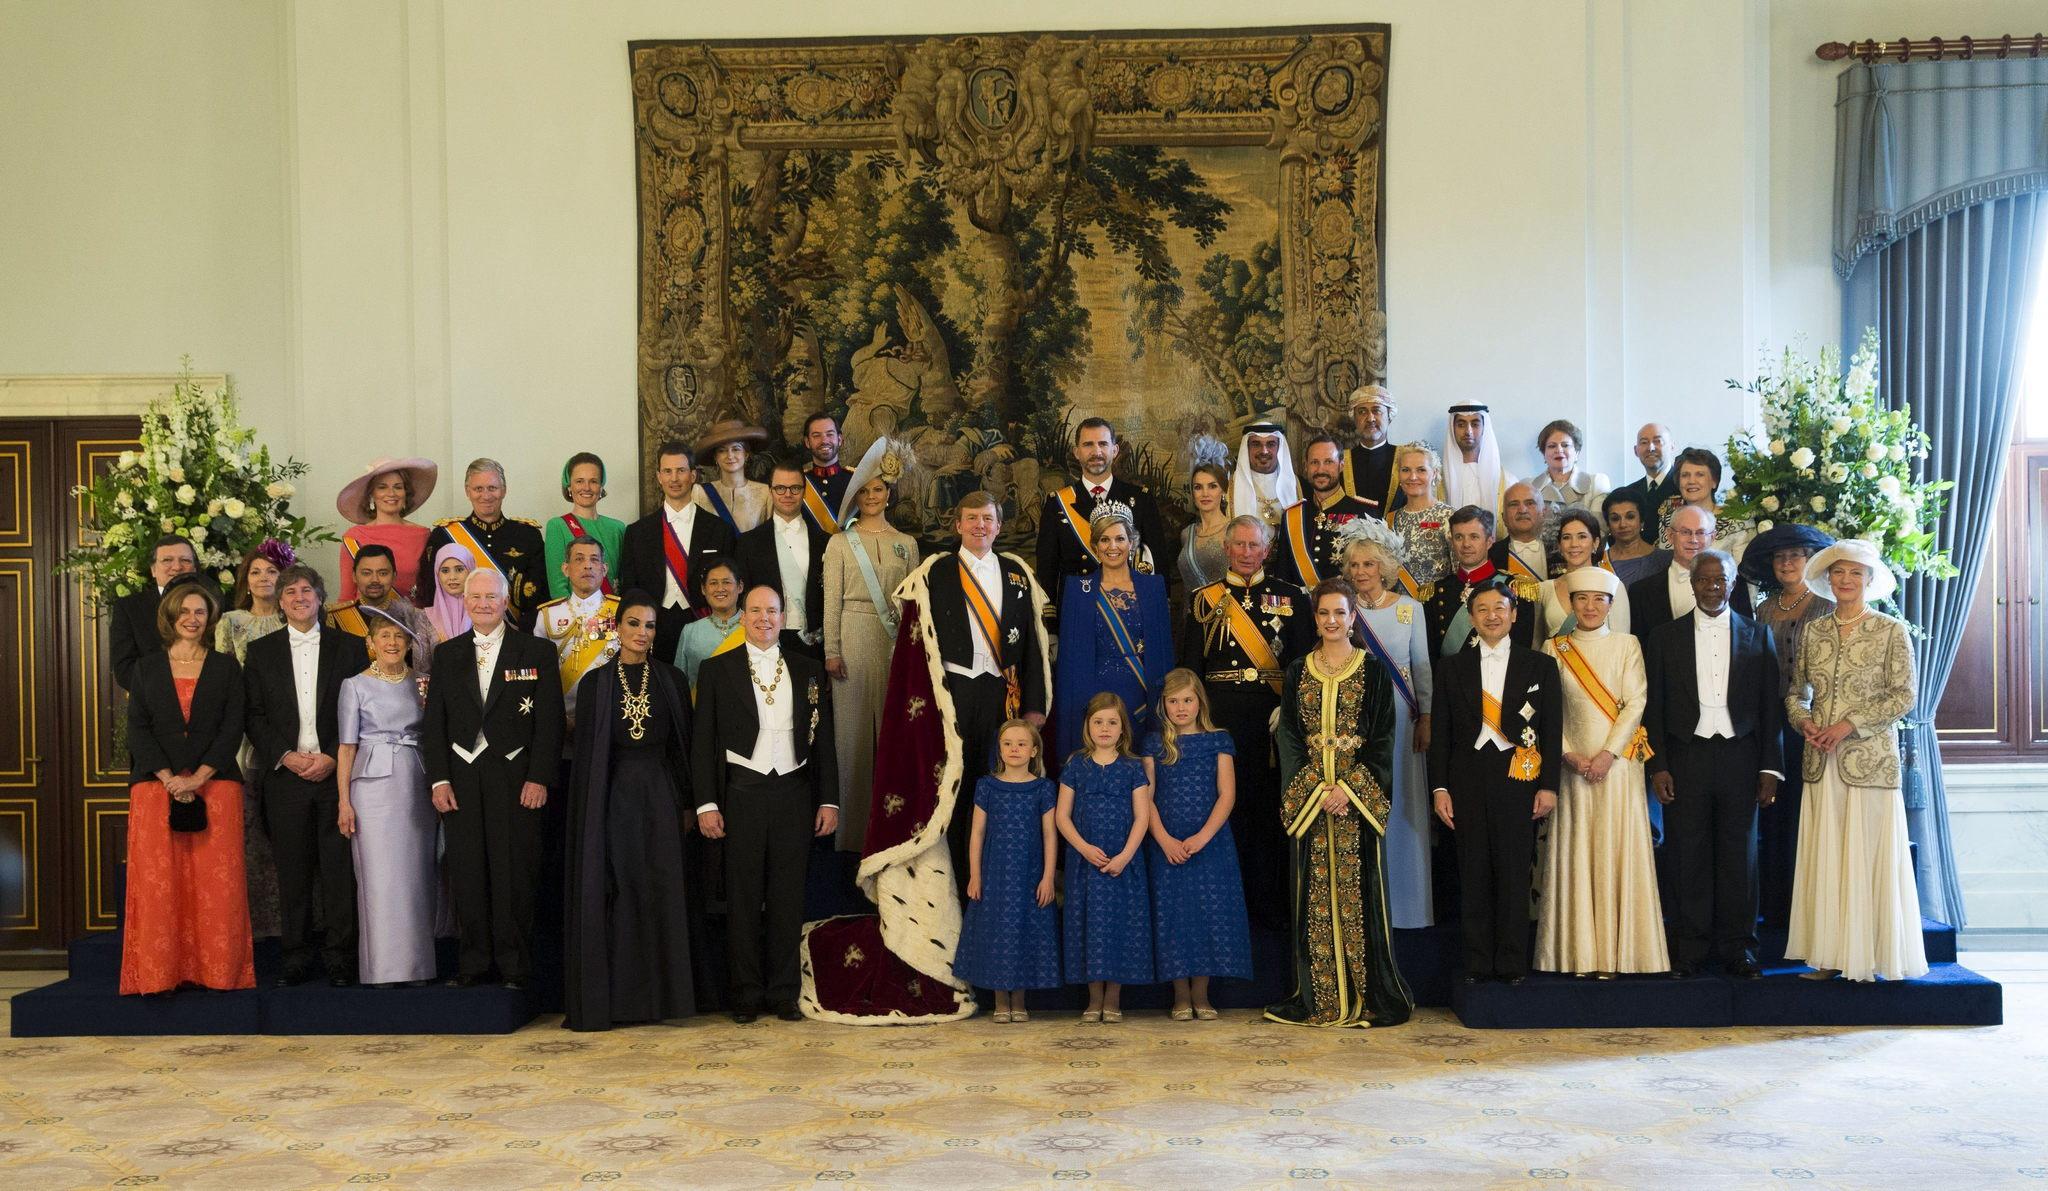 Foto de familia de la ceremonia de investidura del rey de Holanda Guillermo-Alejandro.